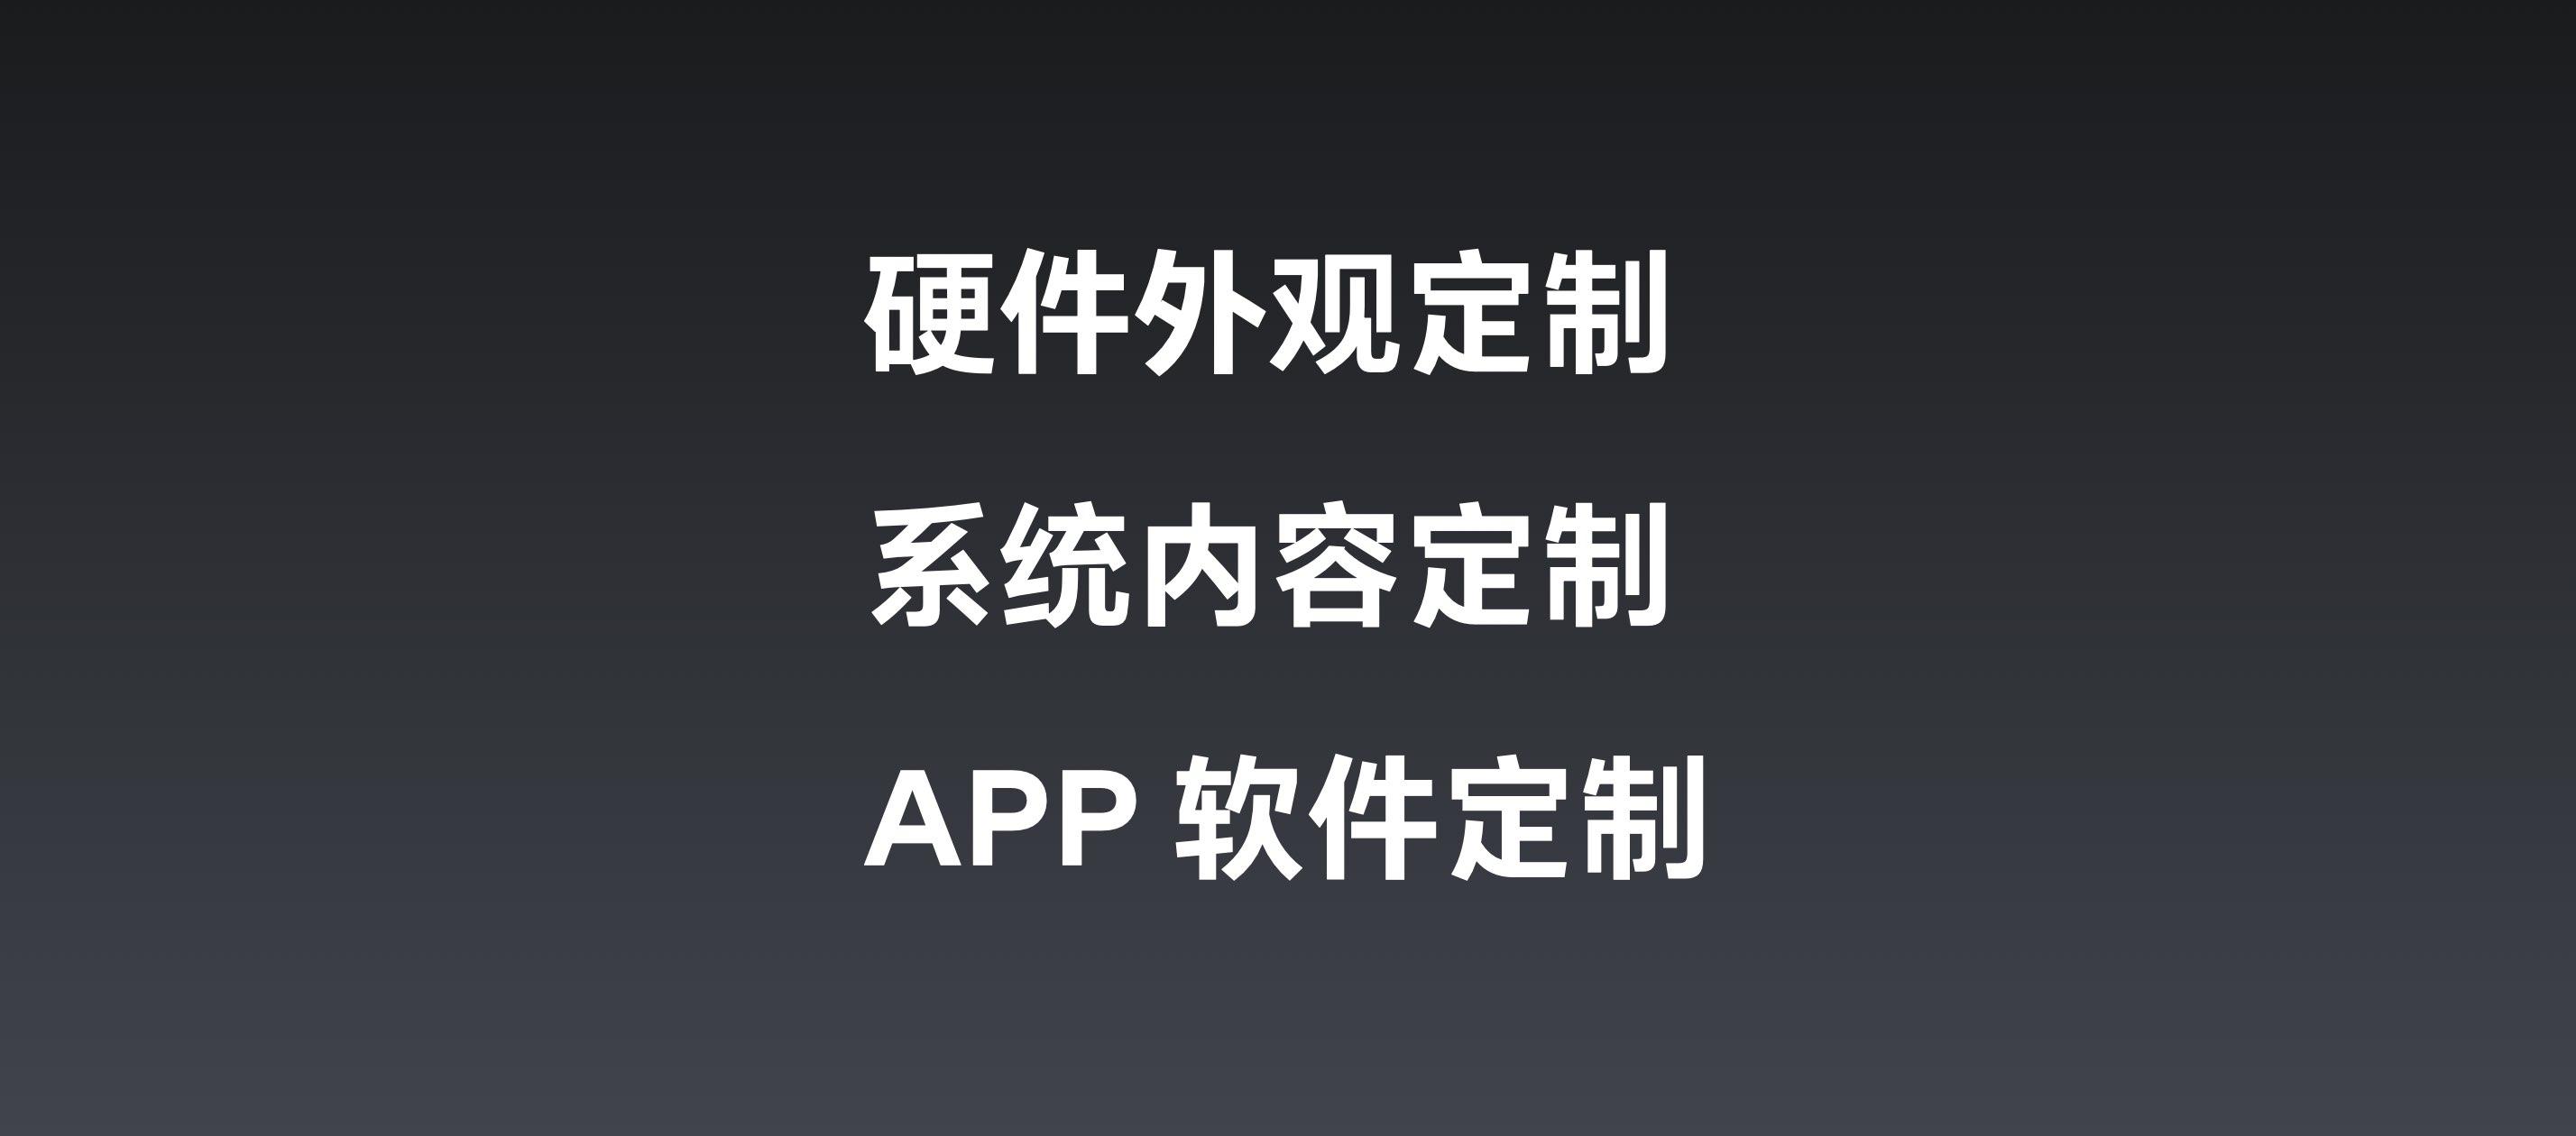 「图文直播」魅族 17 系列 5G 旗舰发布会